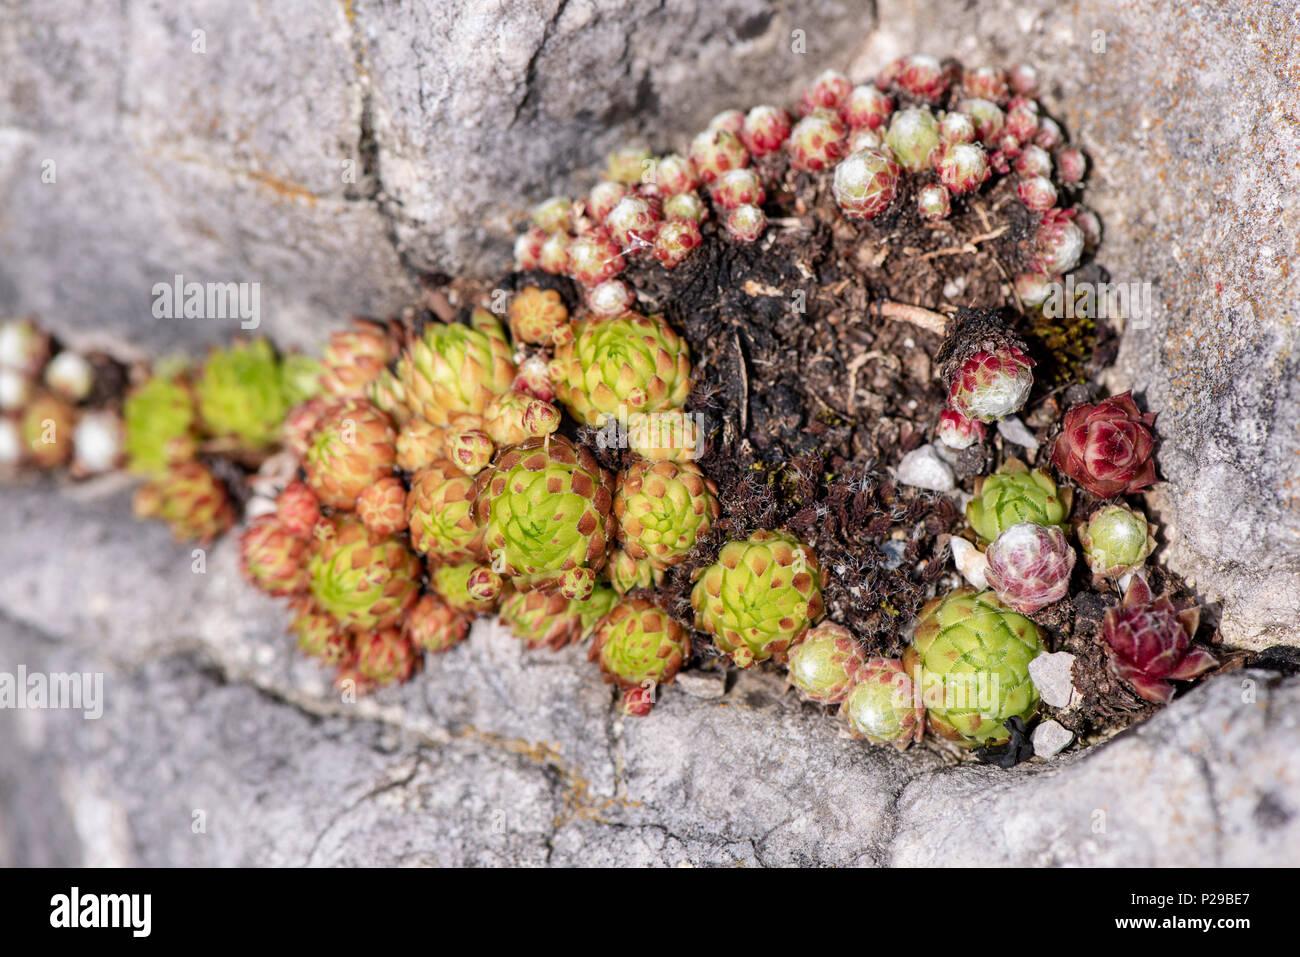 Hauswurz als Heilpflanze für Naturmedizin und Pflanzenheilkunde Stock Photo